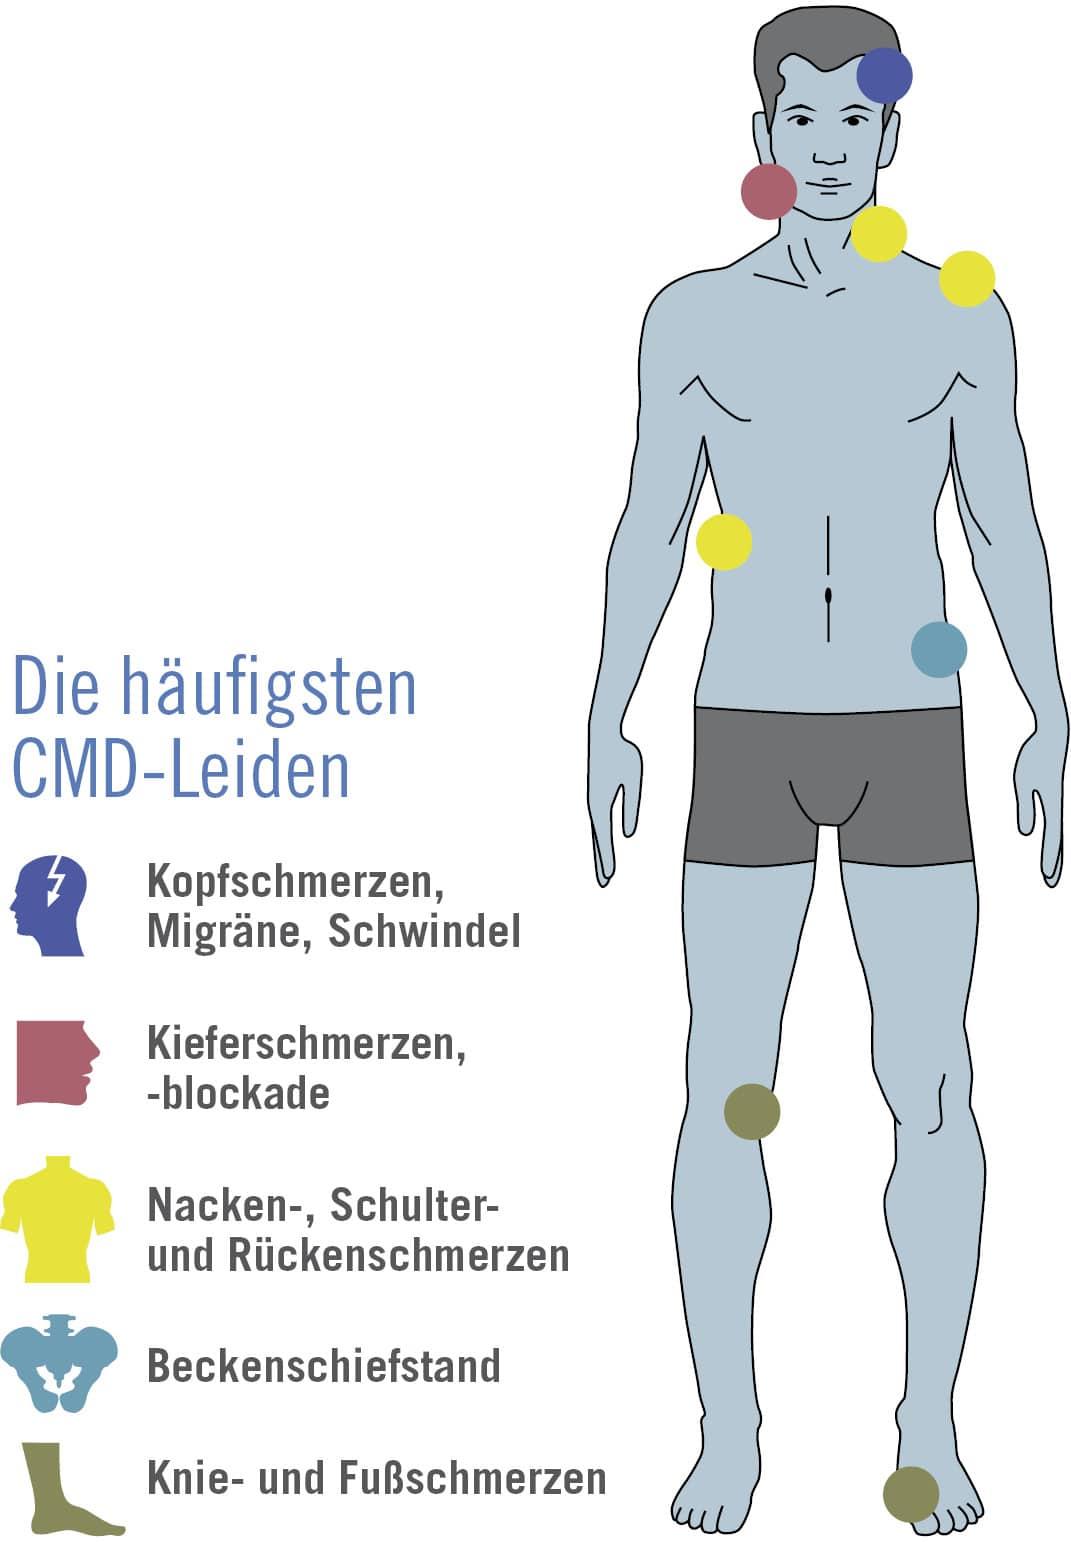 Schmerzpunkte CMD